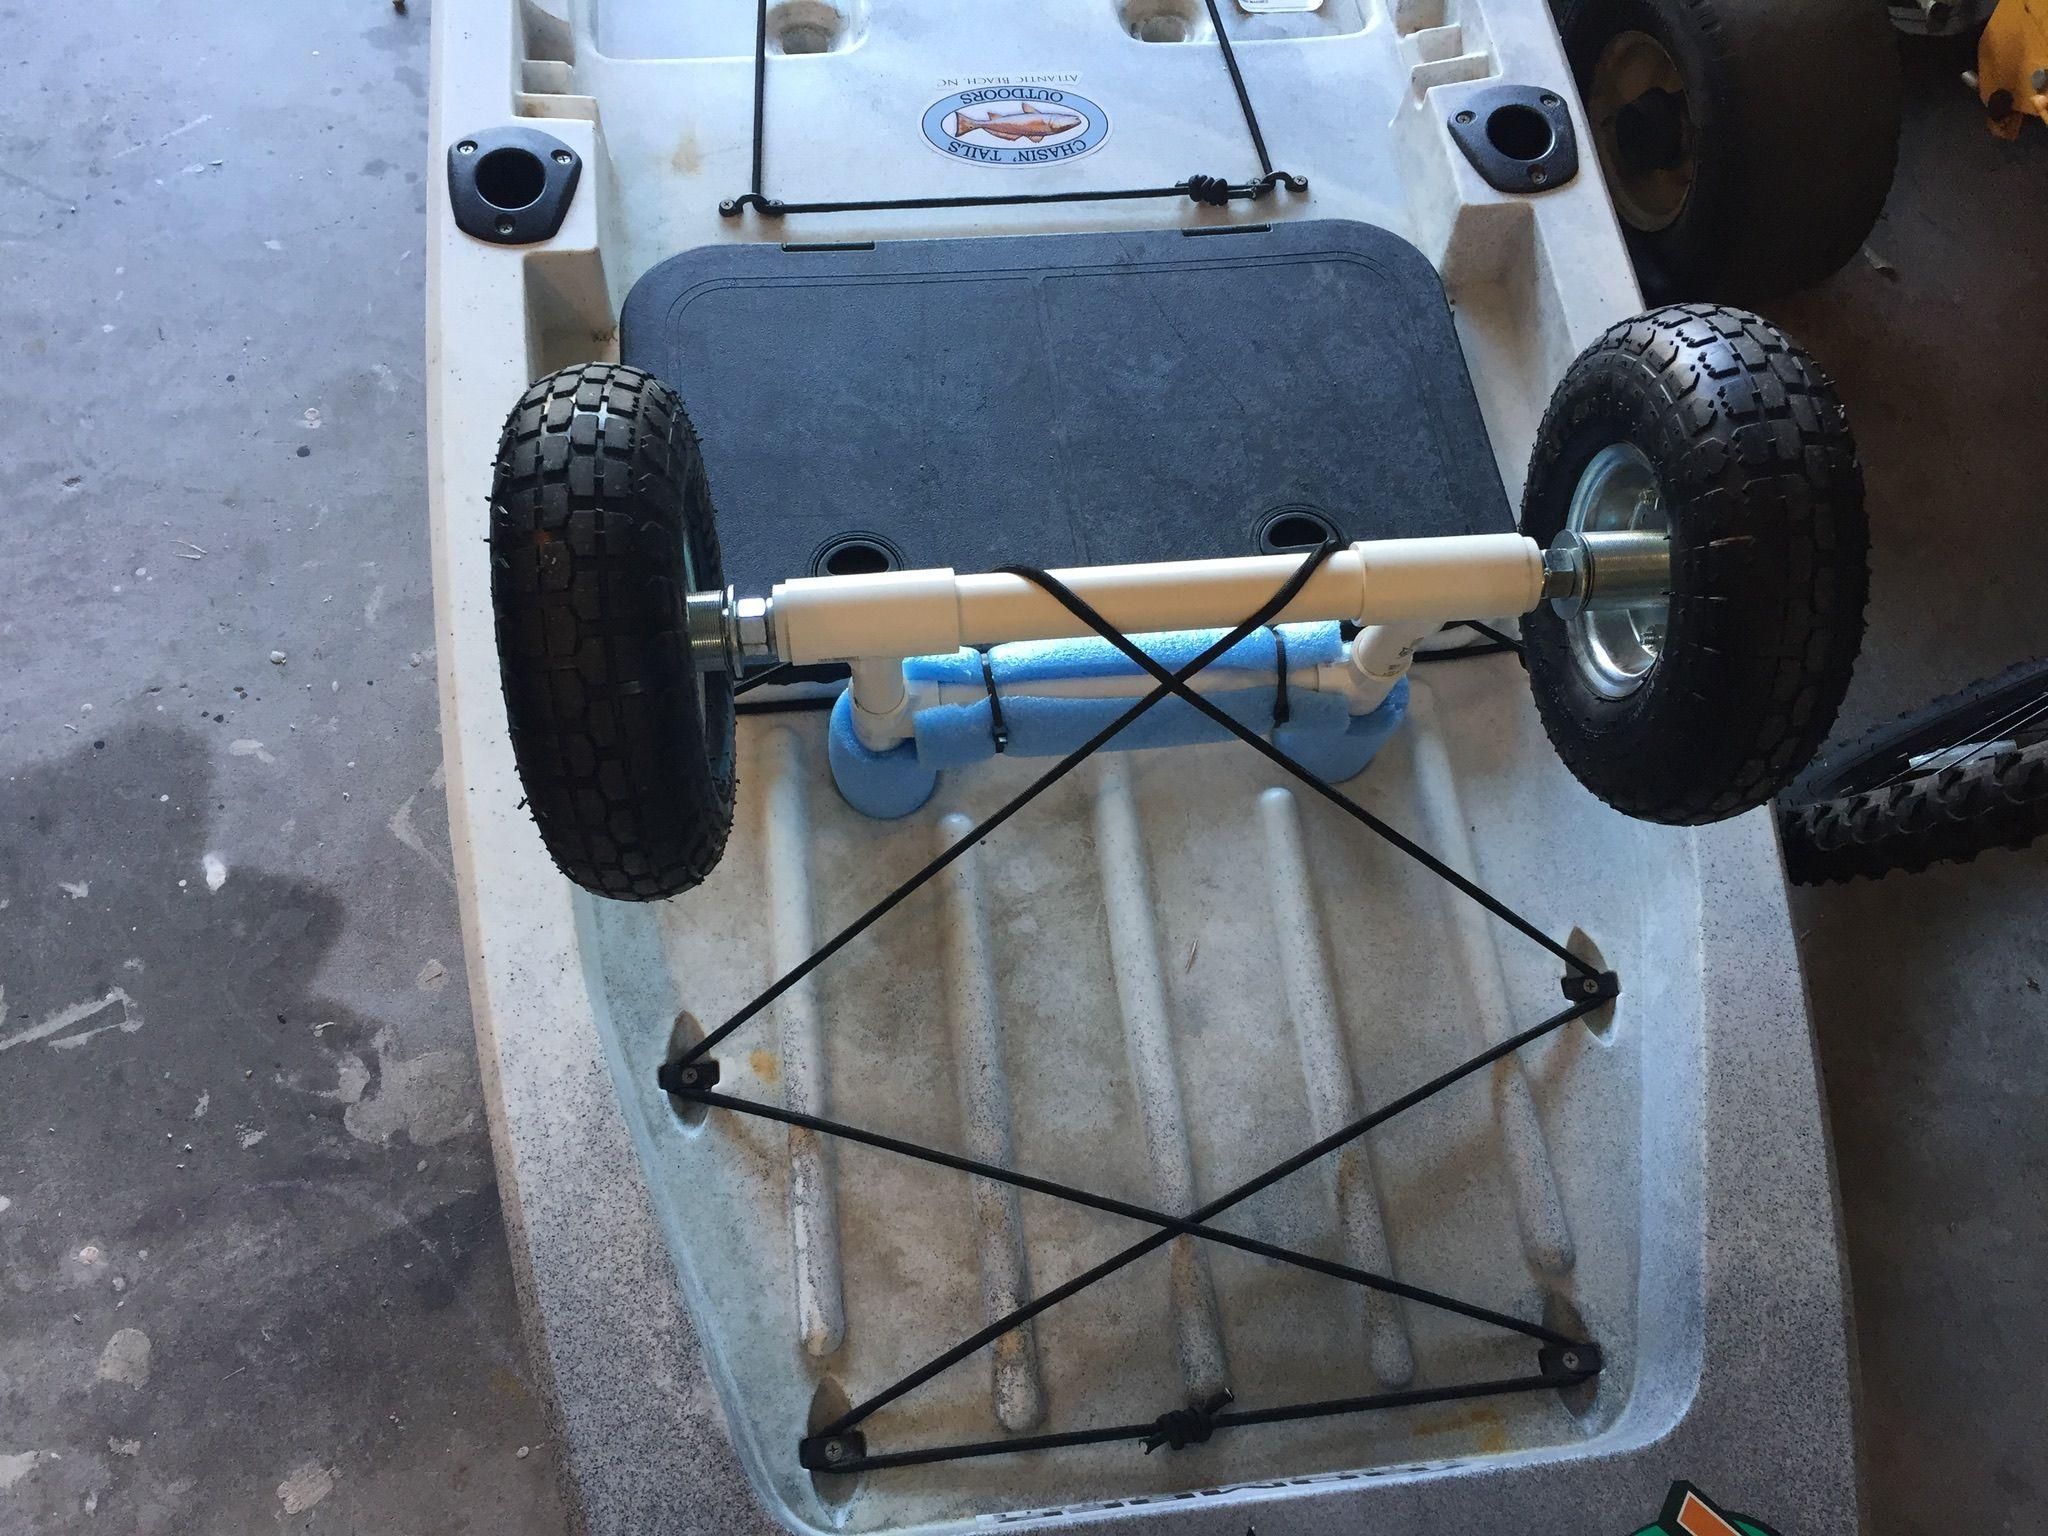 DIY KAYAK CART ascend fs128t | DIY KAYAK CART | Kayak cart